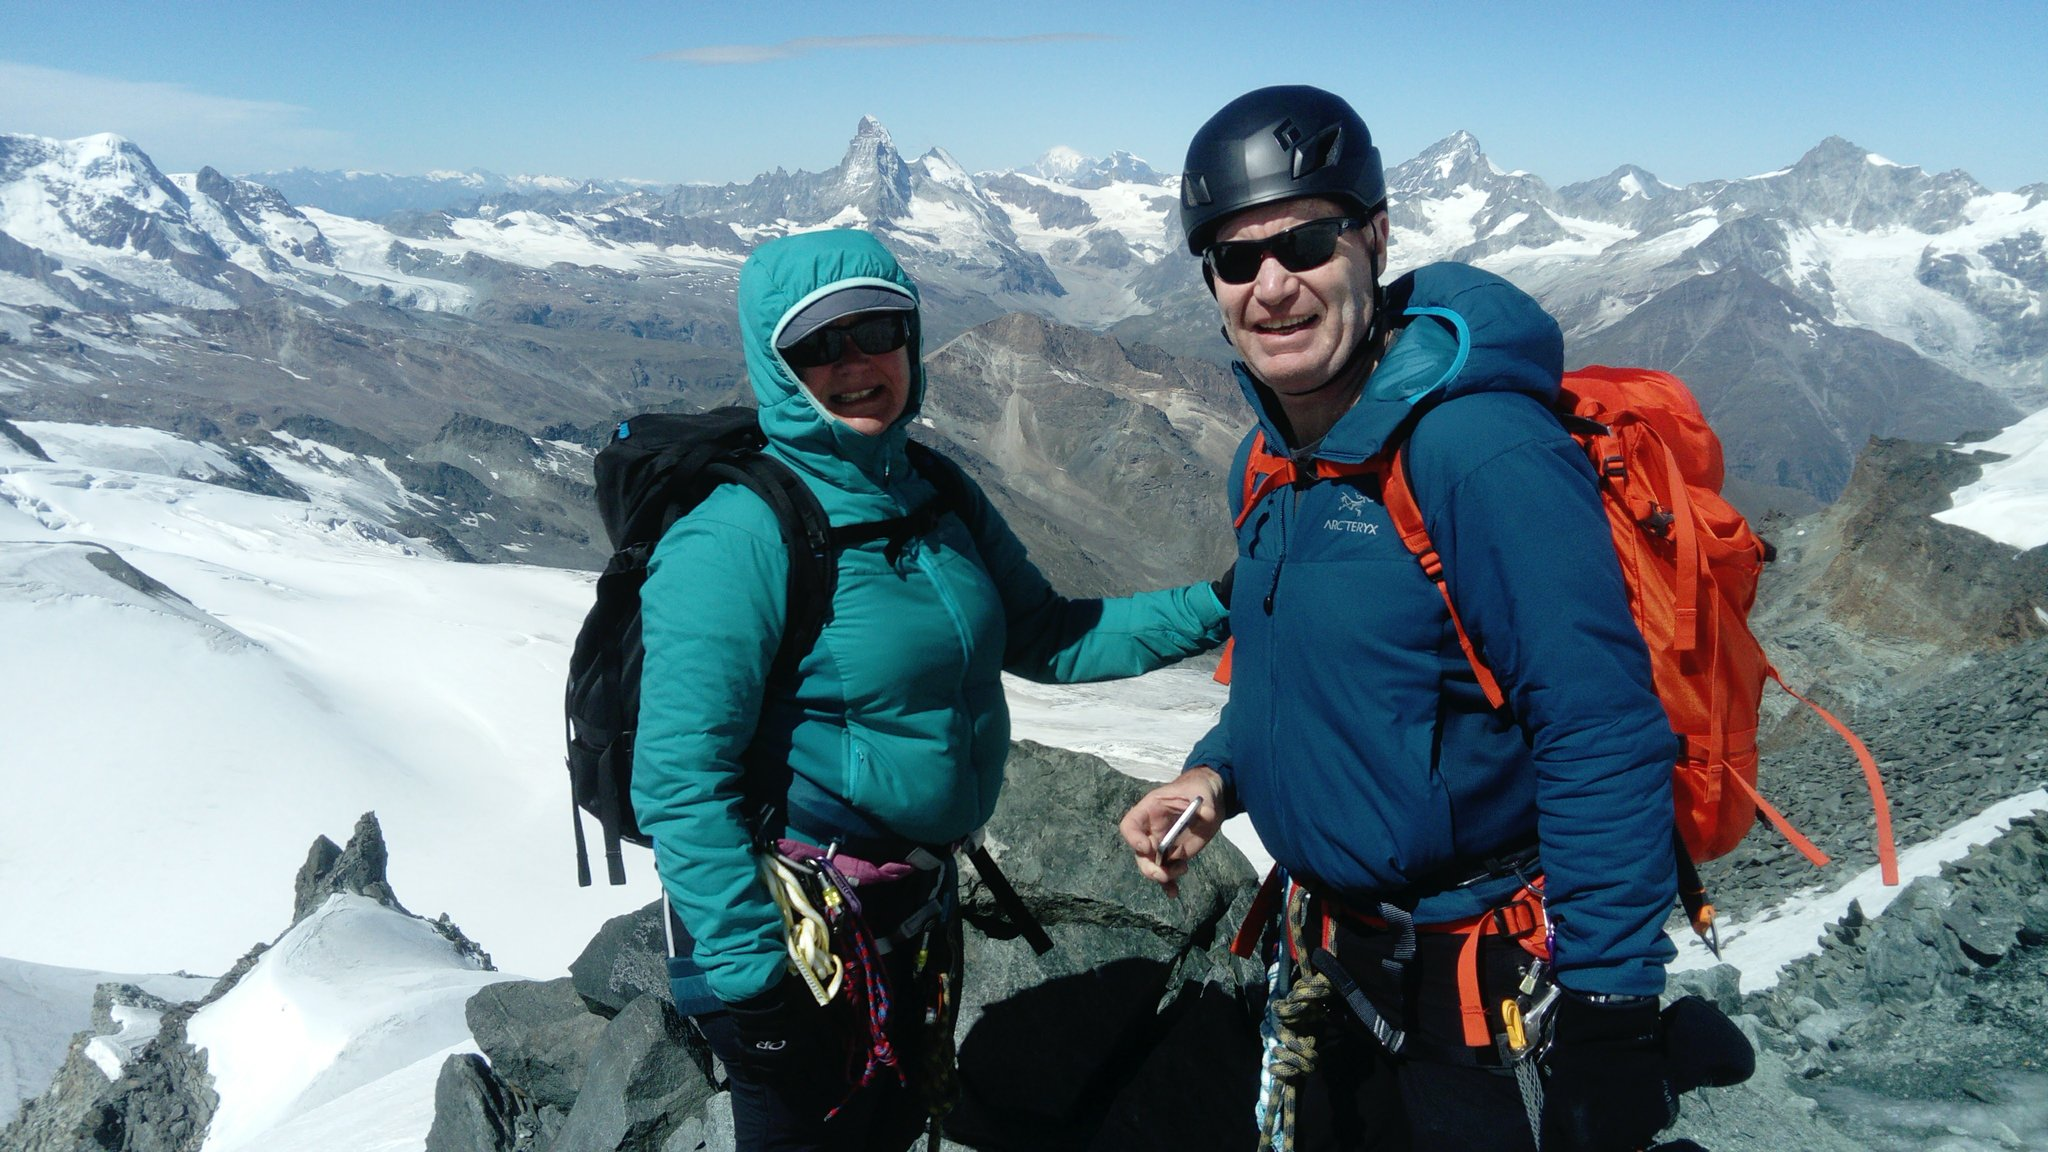 On the summit of the Allalinhorn